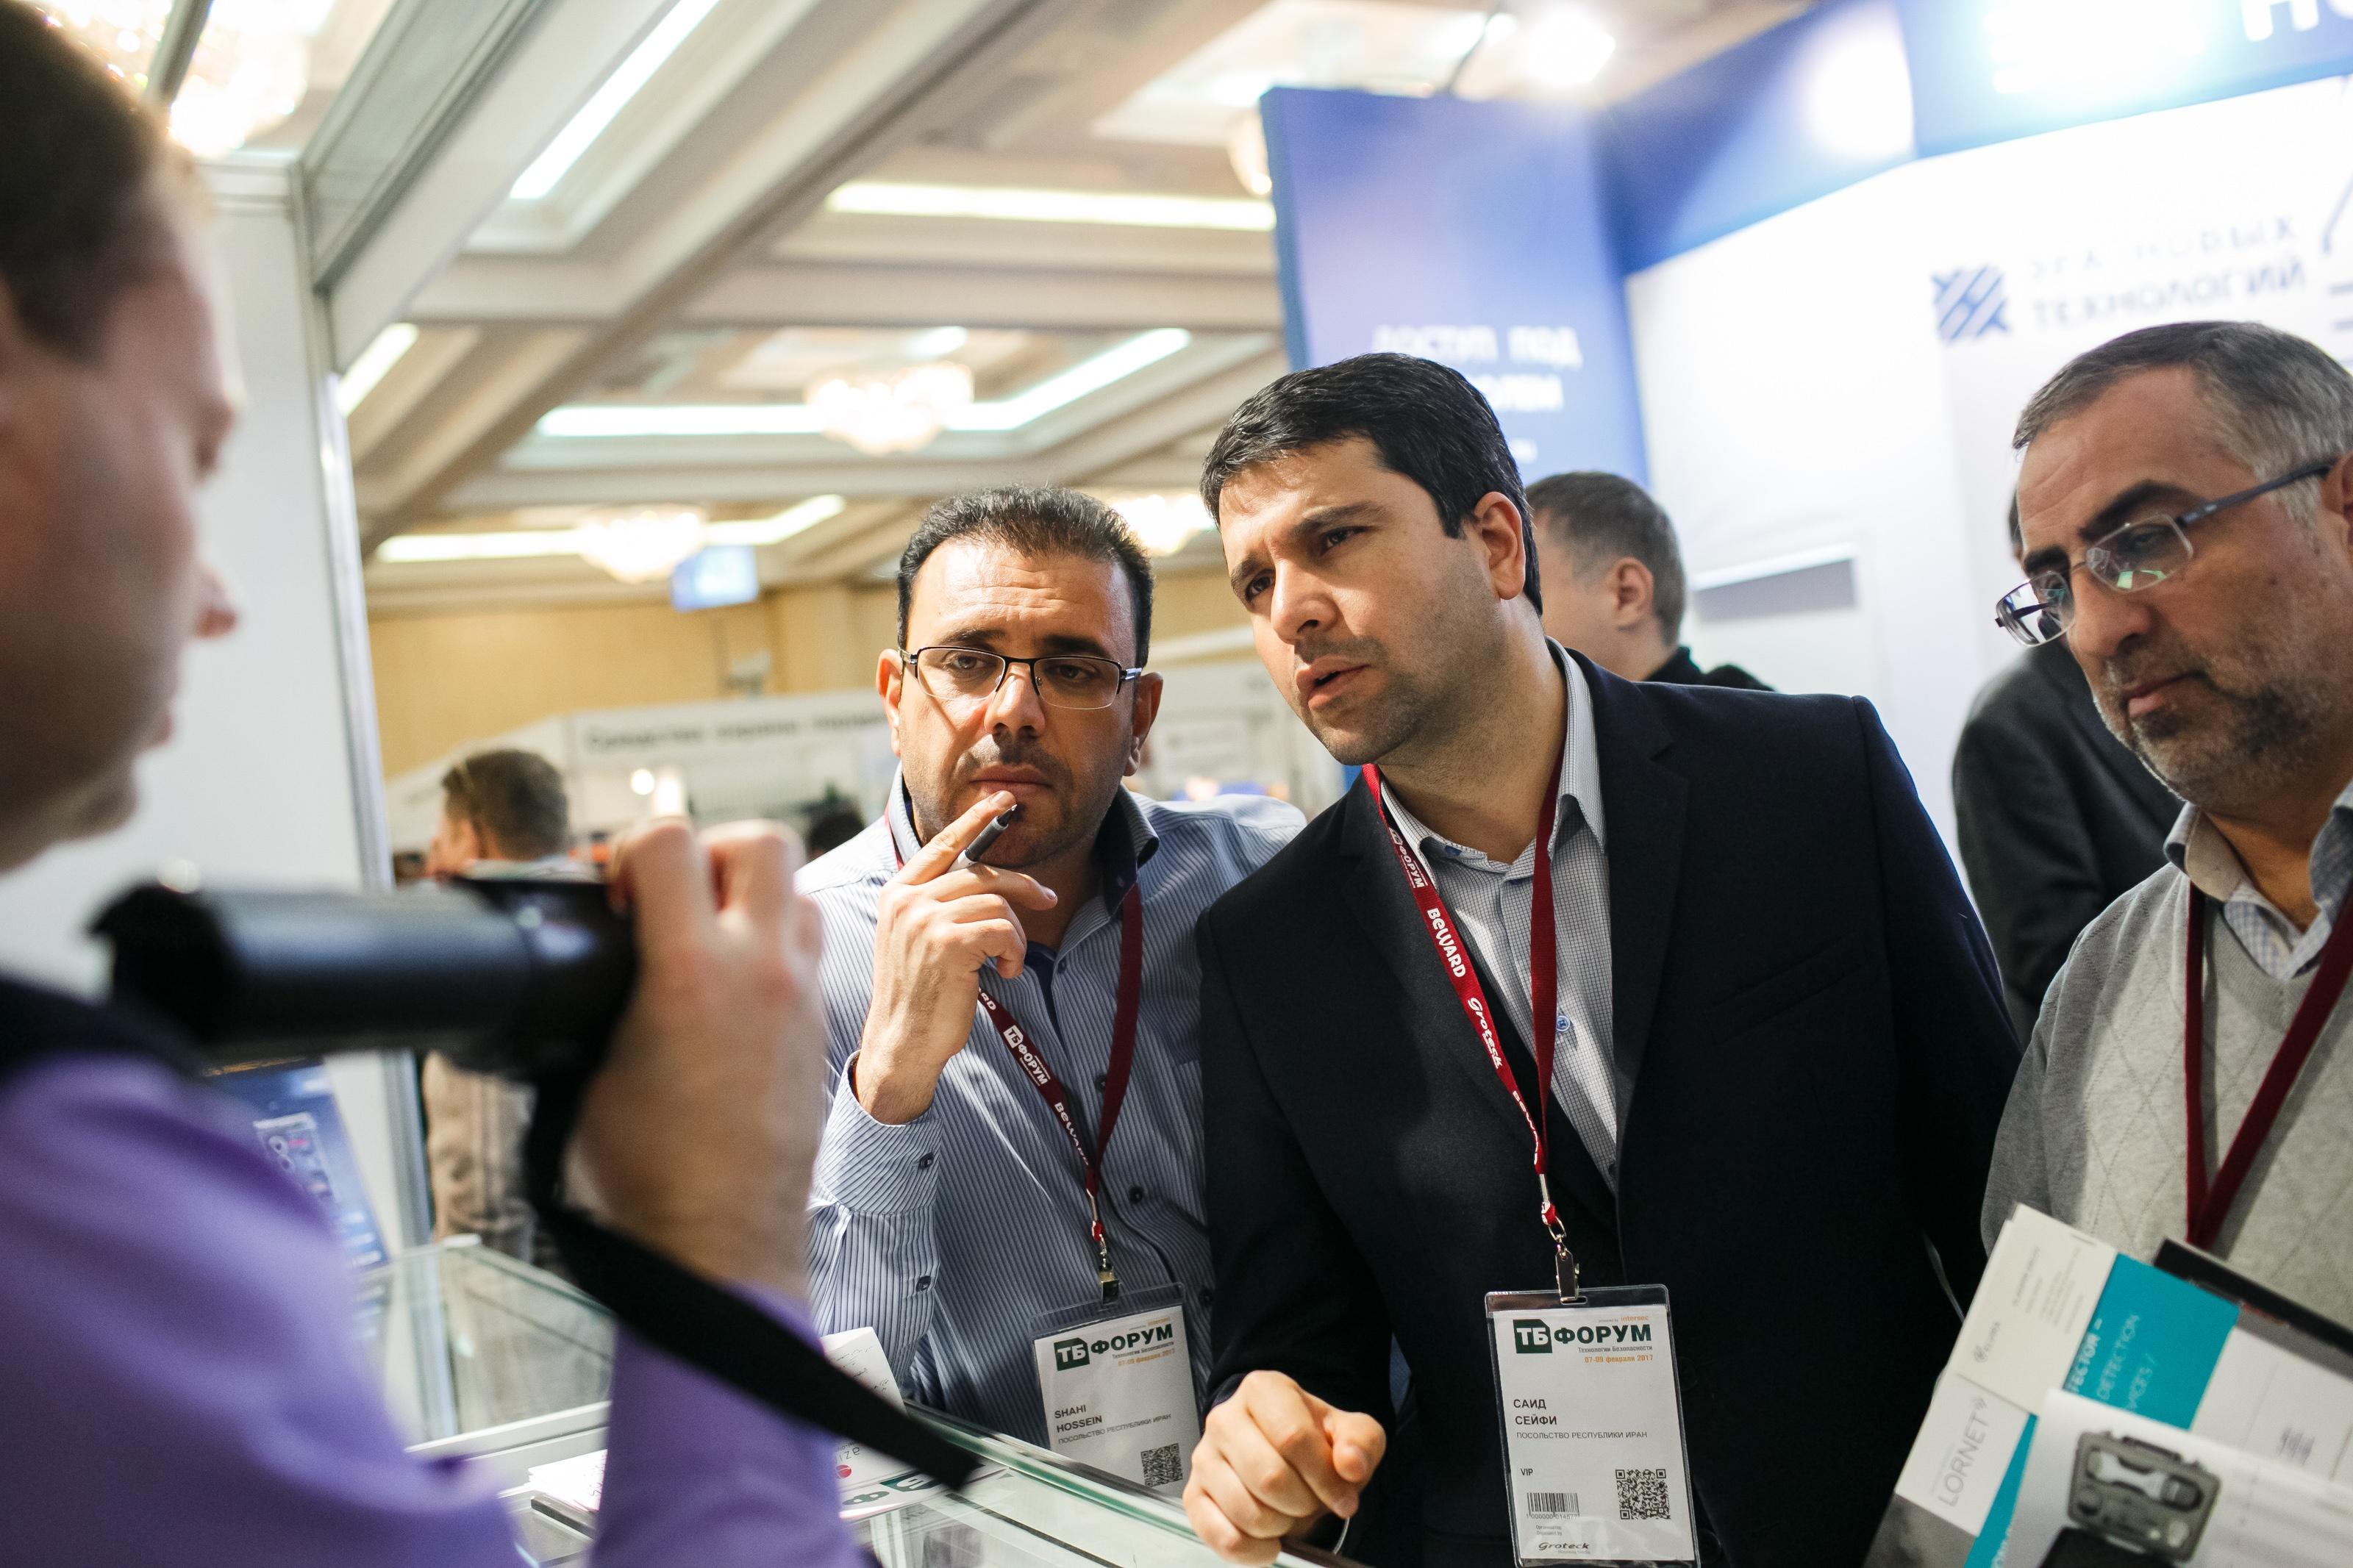 Смотр технологийдля обеспечения национальной безопасности и программа личных встреч с заказчиками